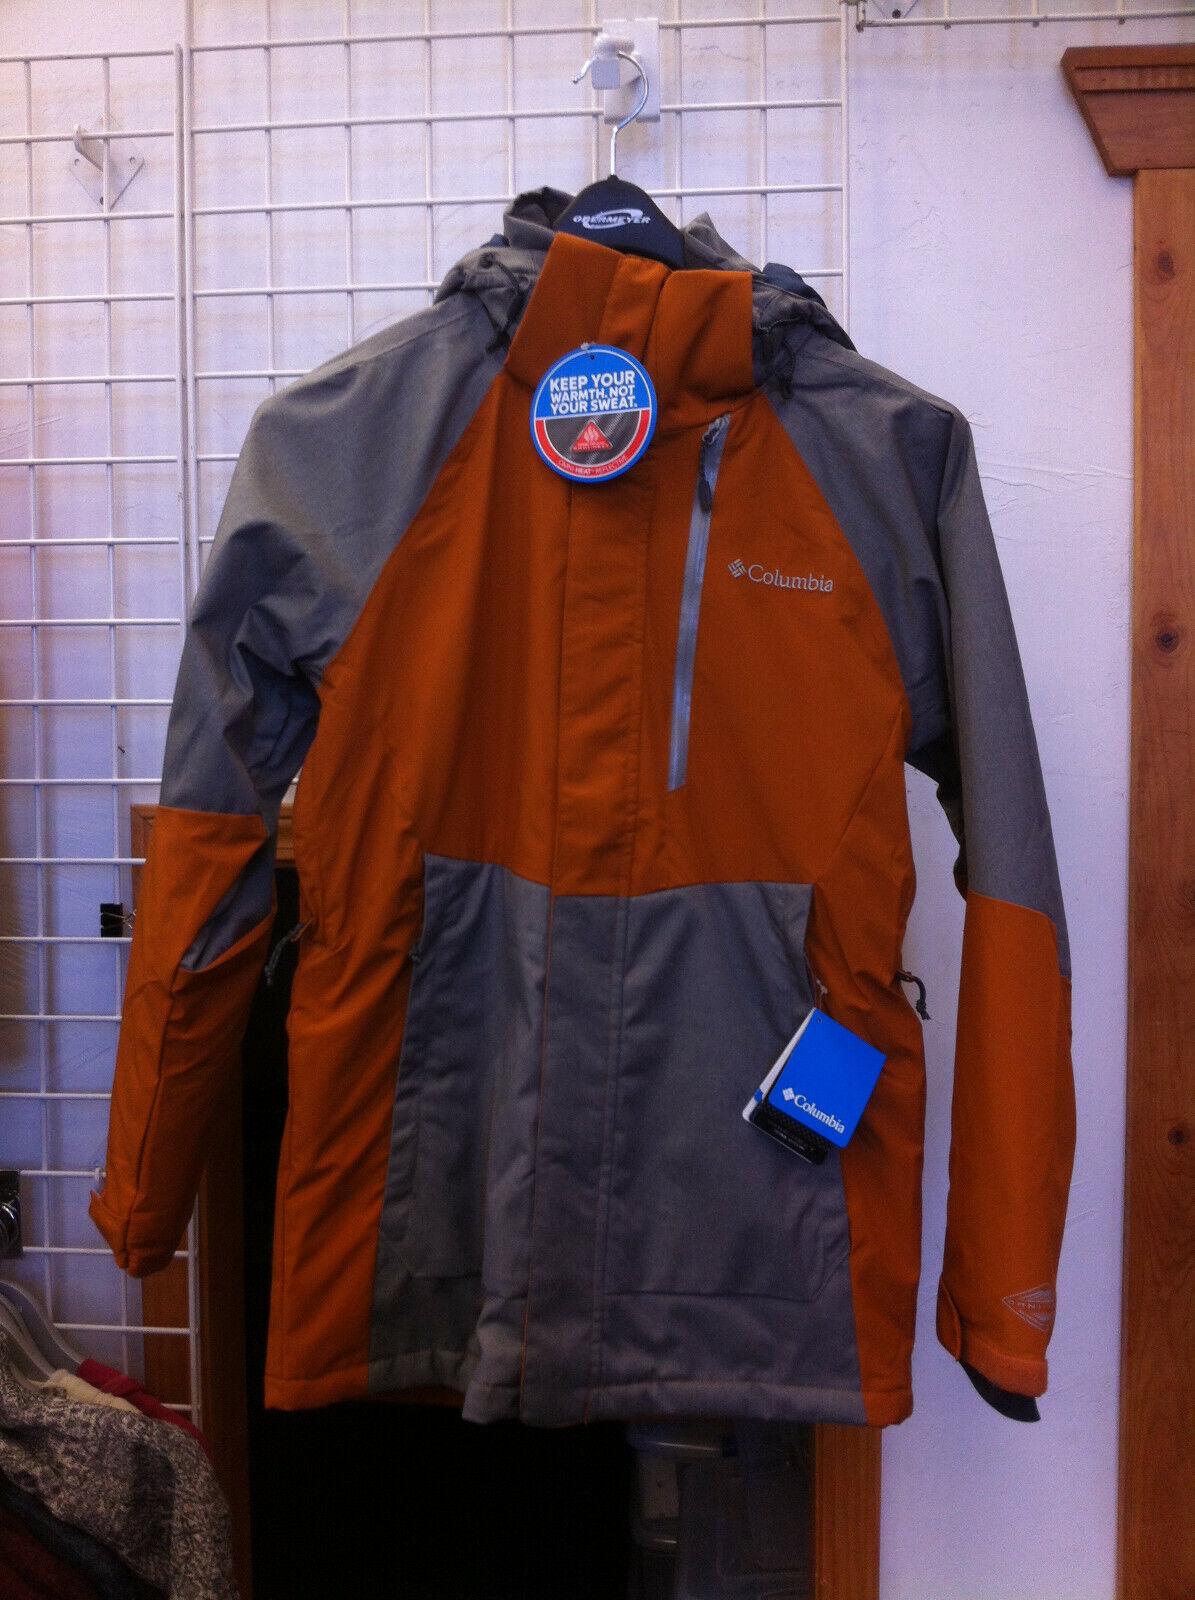 Para hombre chaqueta de Color brillante cobre Columbia Wildside  Tamaño Mediano  Sin impuestos